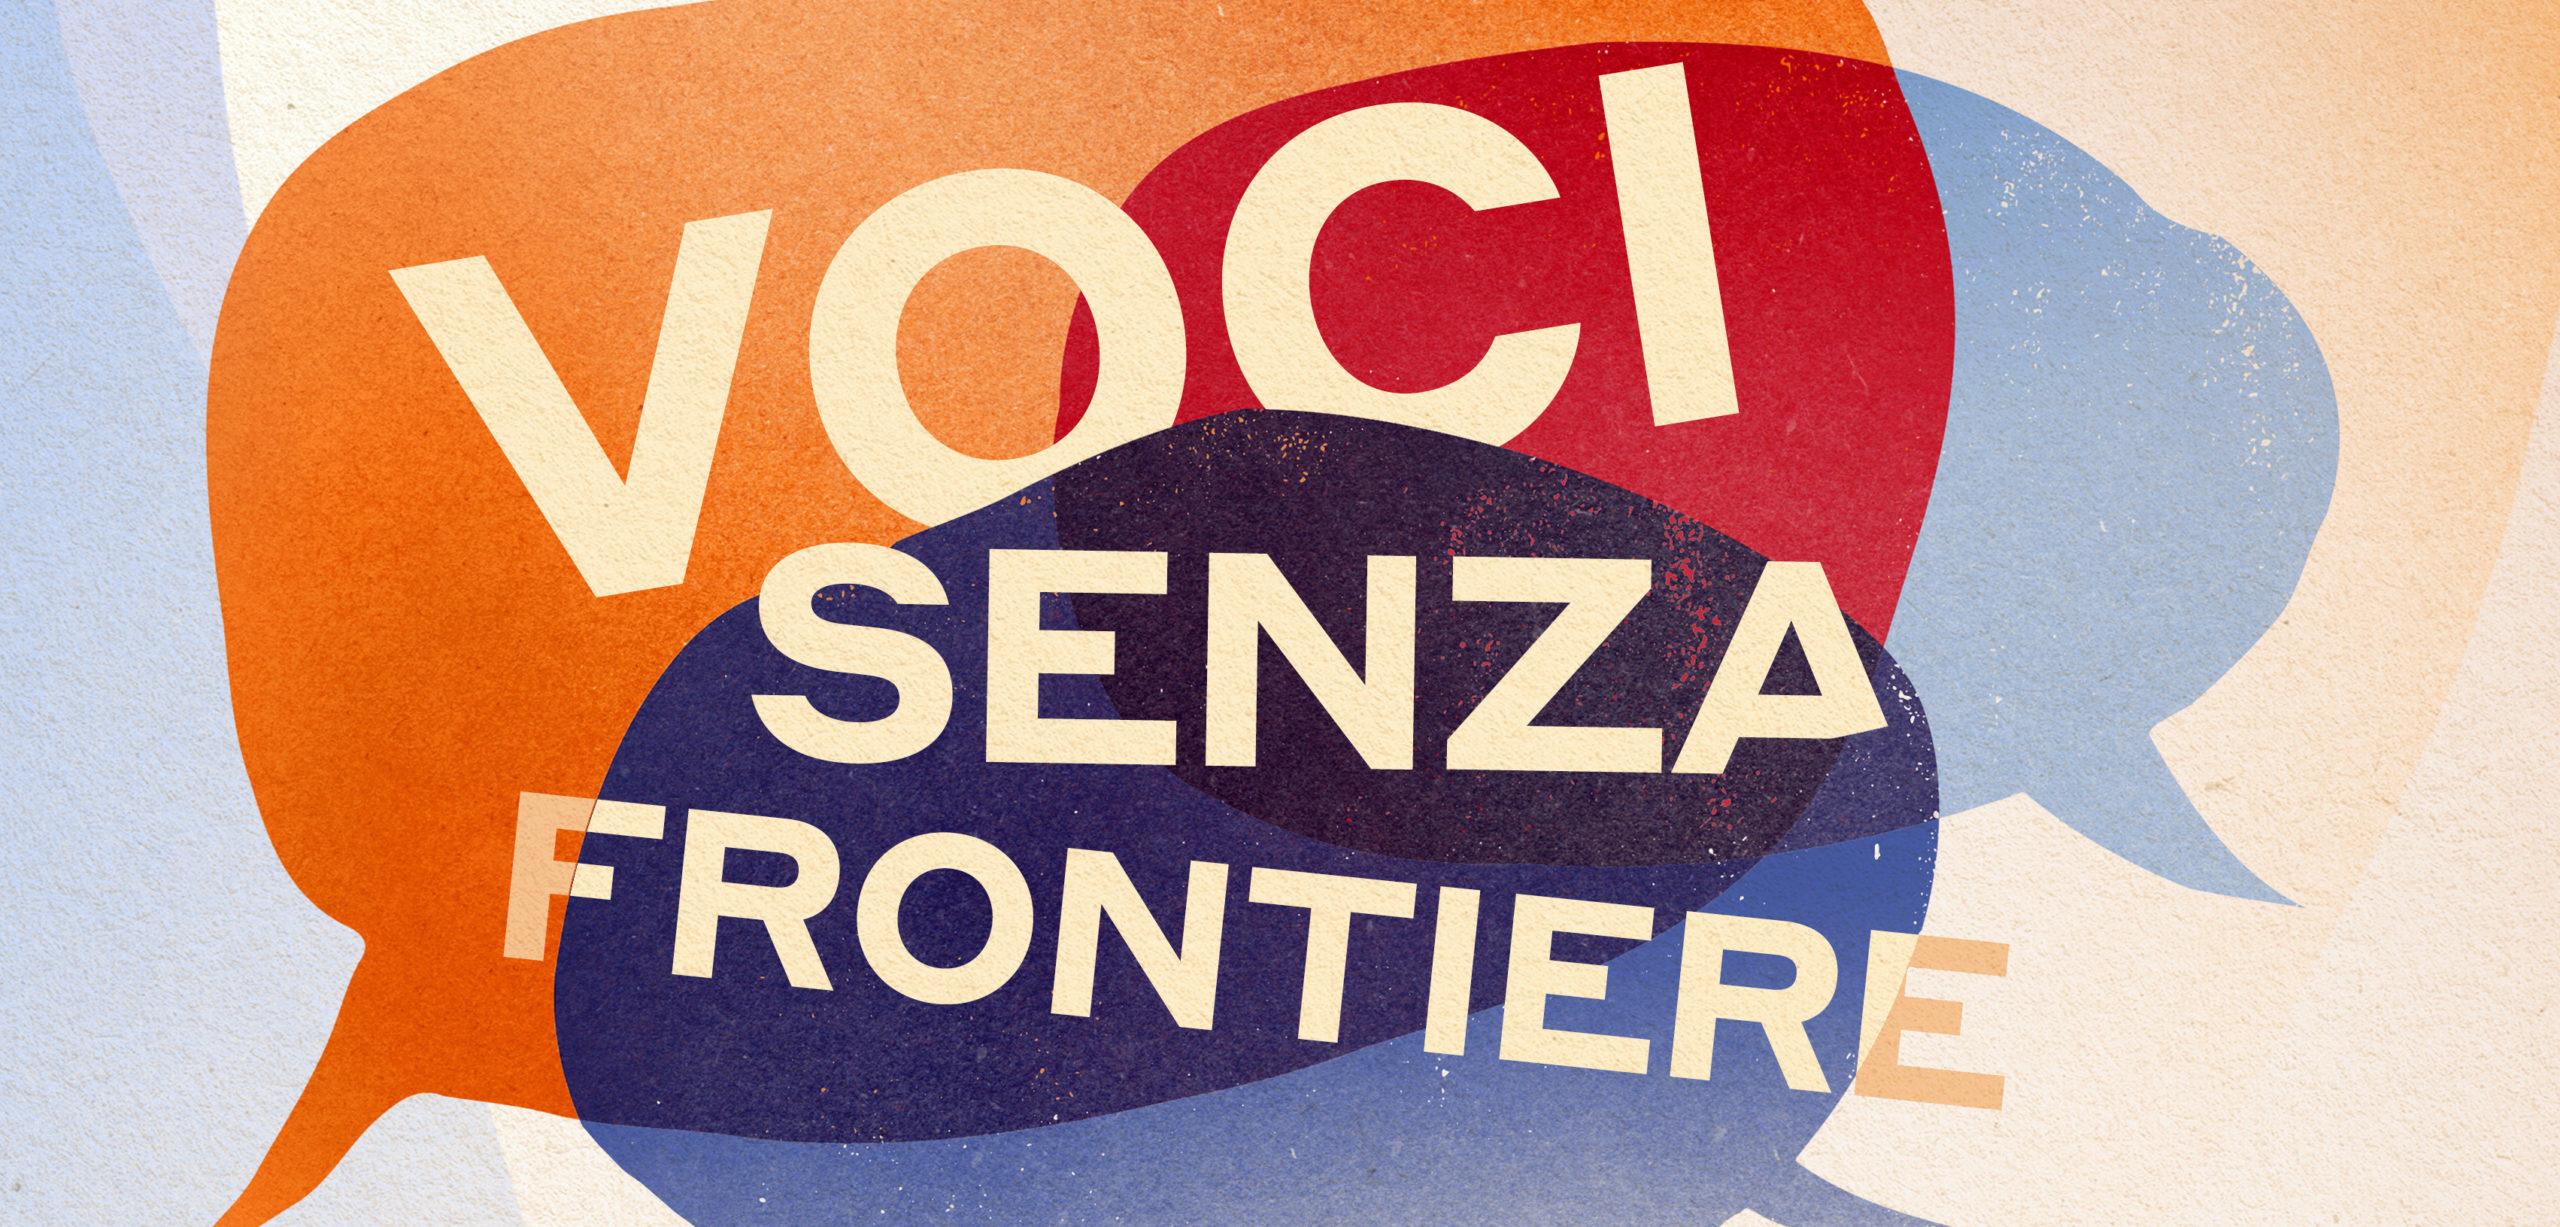 """""""Voci senza frontiere"""", un elenco di esperte/i rappresentanti dell'Italia plurale"""